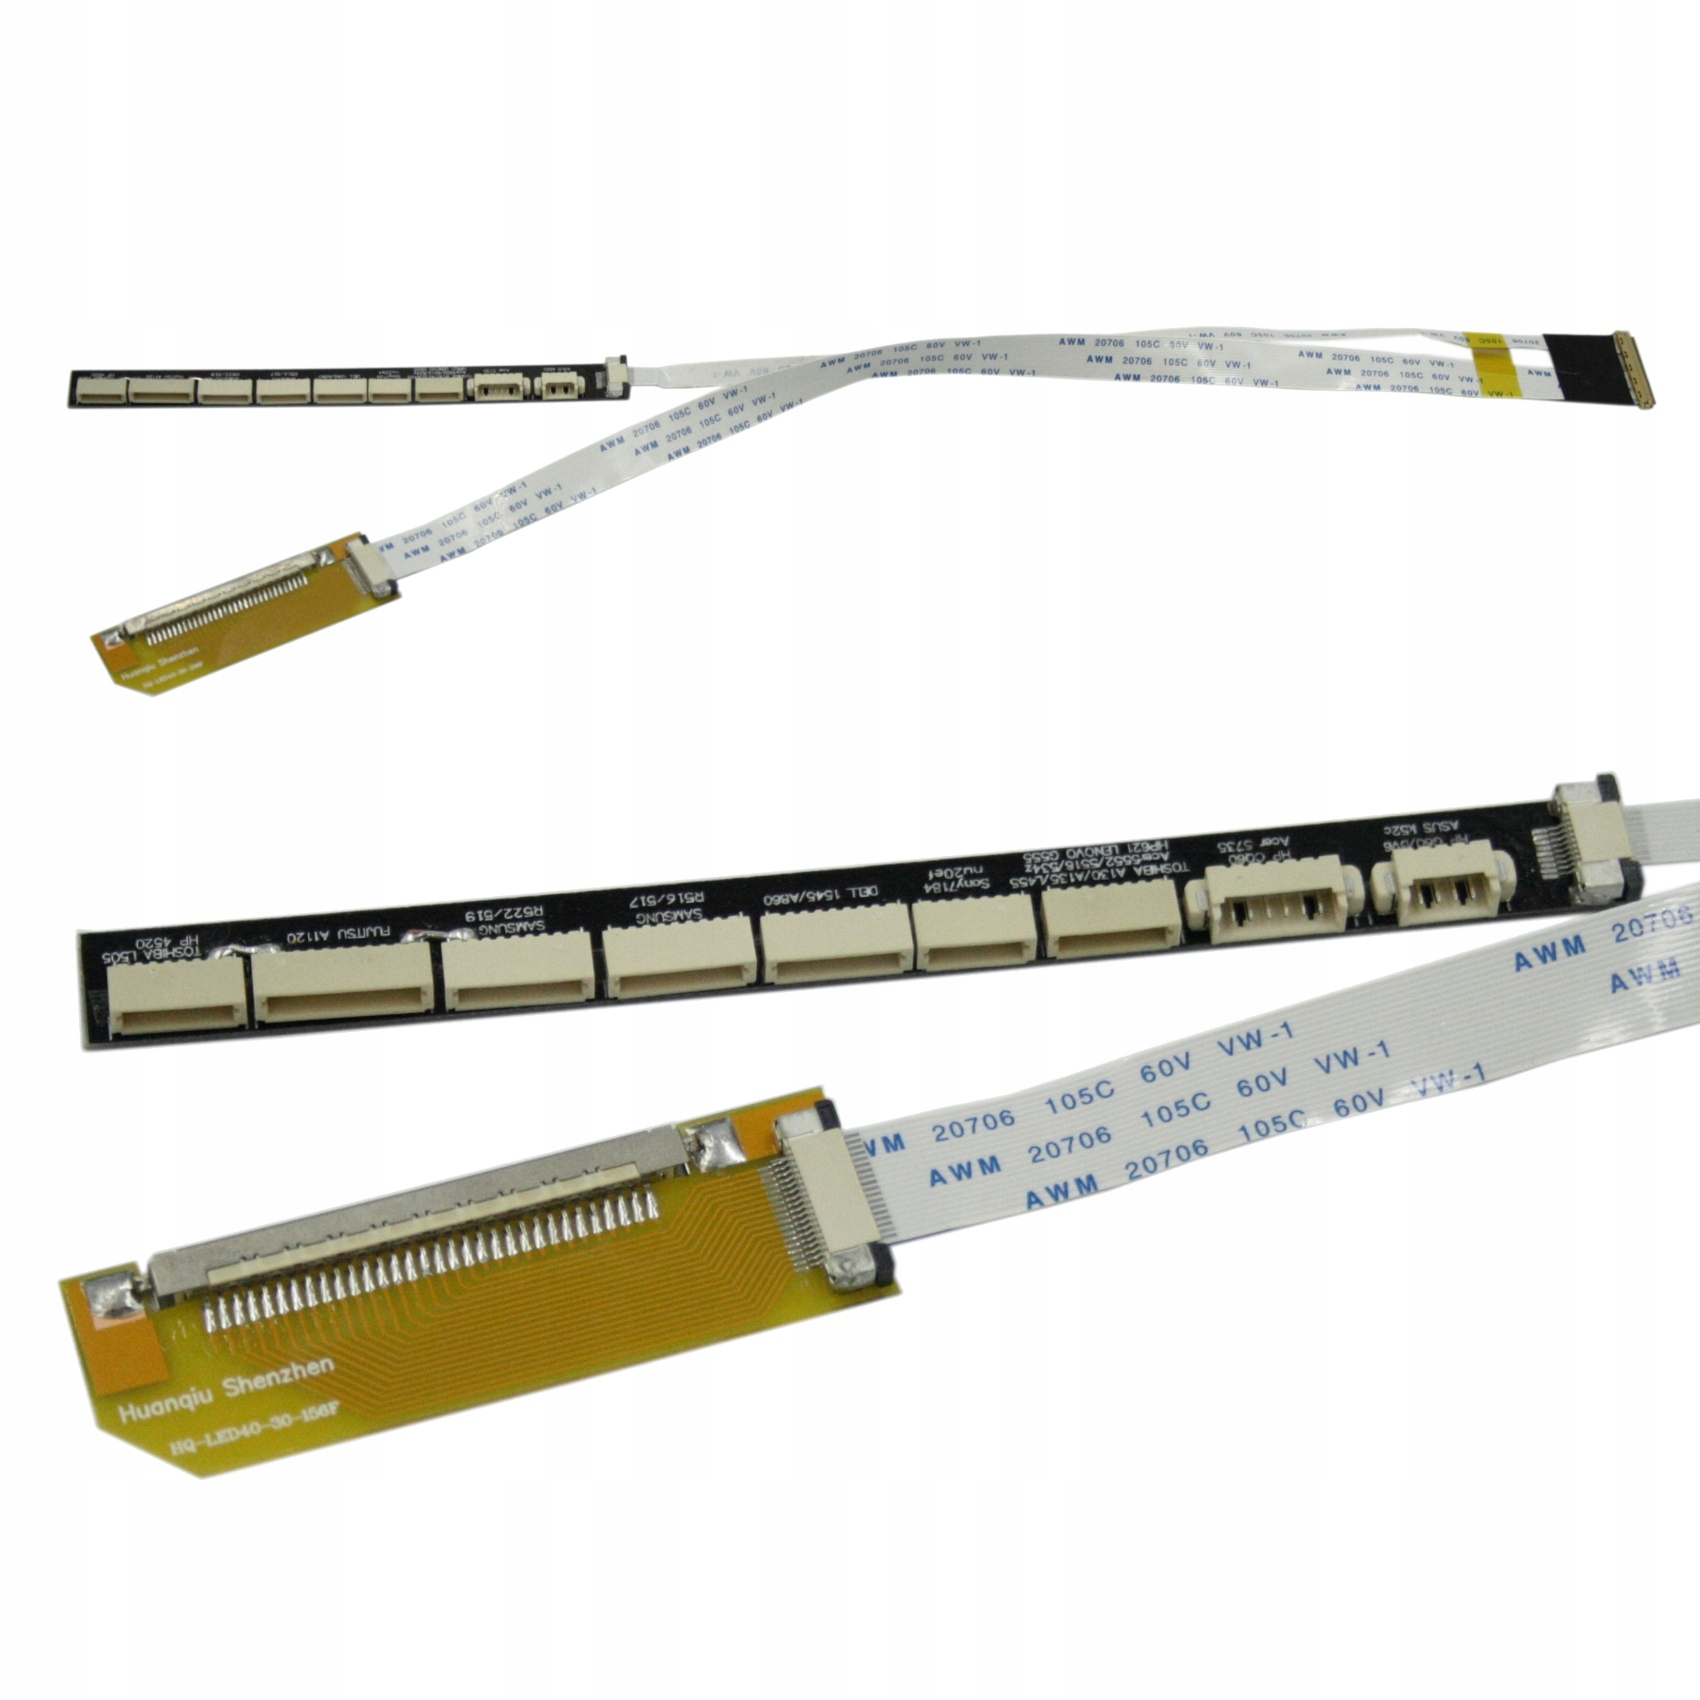 TAŚMA LCD MATRYCY SAMSUNG LTN156AT01-A01 LTN156AT01-B01 LTN156AT01-B03 LTN156A - Taśmy i inwertery